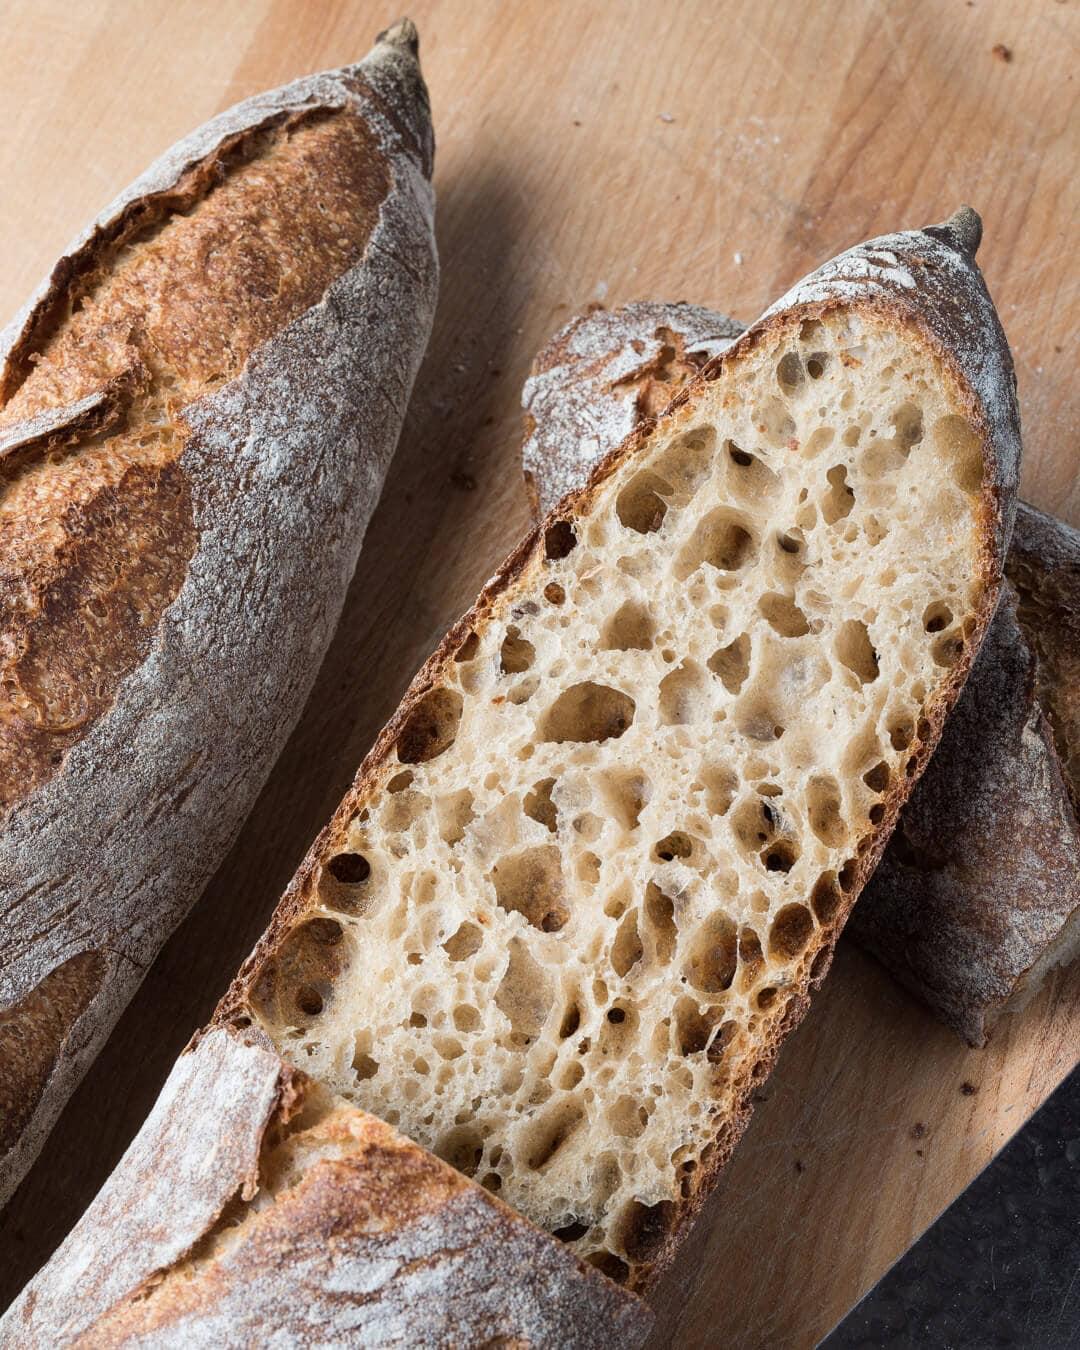 Baguette sliced open showing crumb